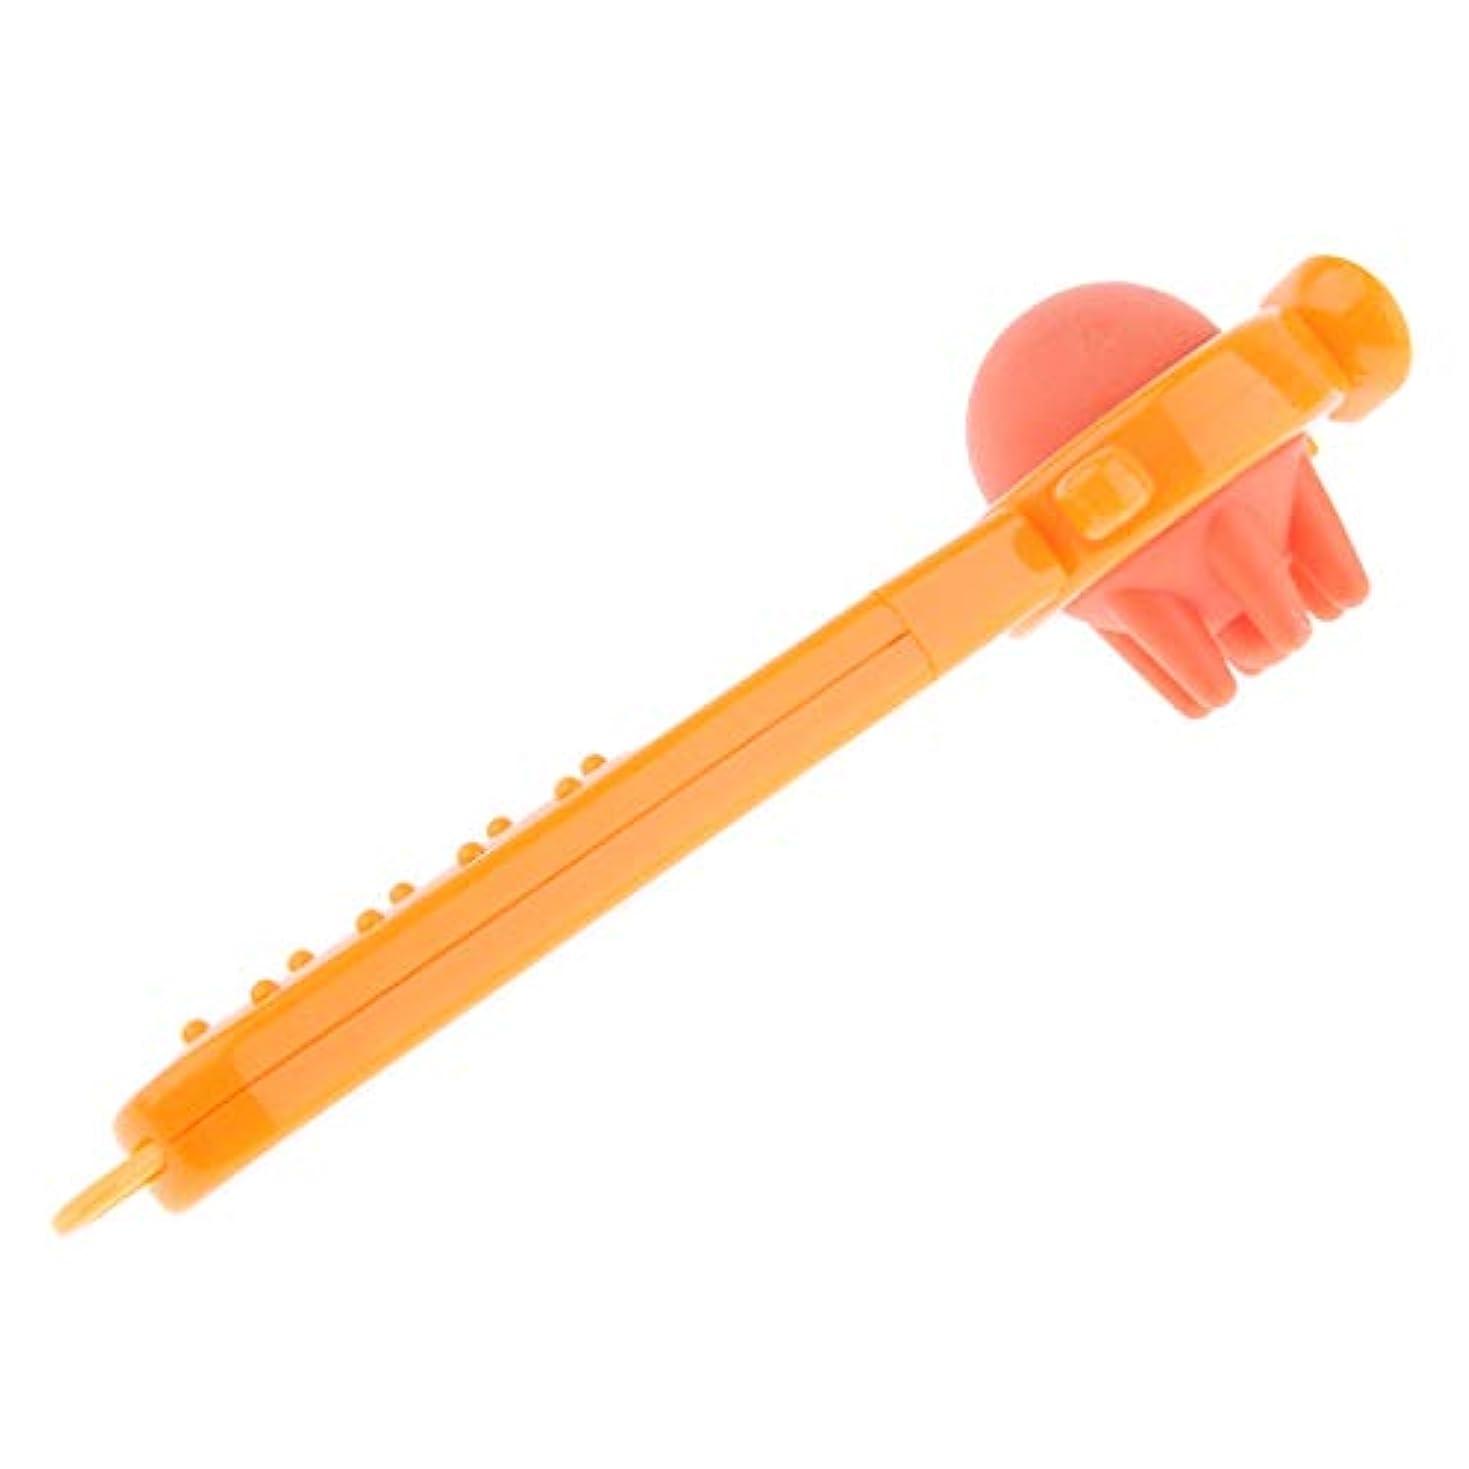 埋めるわざわざ人FLAMEER 背中/肩/脚/腕/筋肉 大人気 ツボ押しグッズ マッサージ ハンマー スティック 健康器具 オレンジ